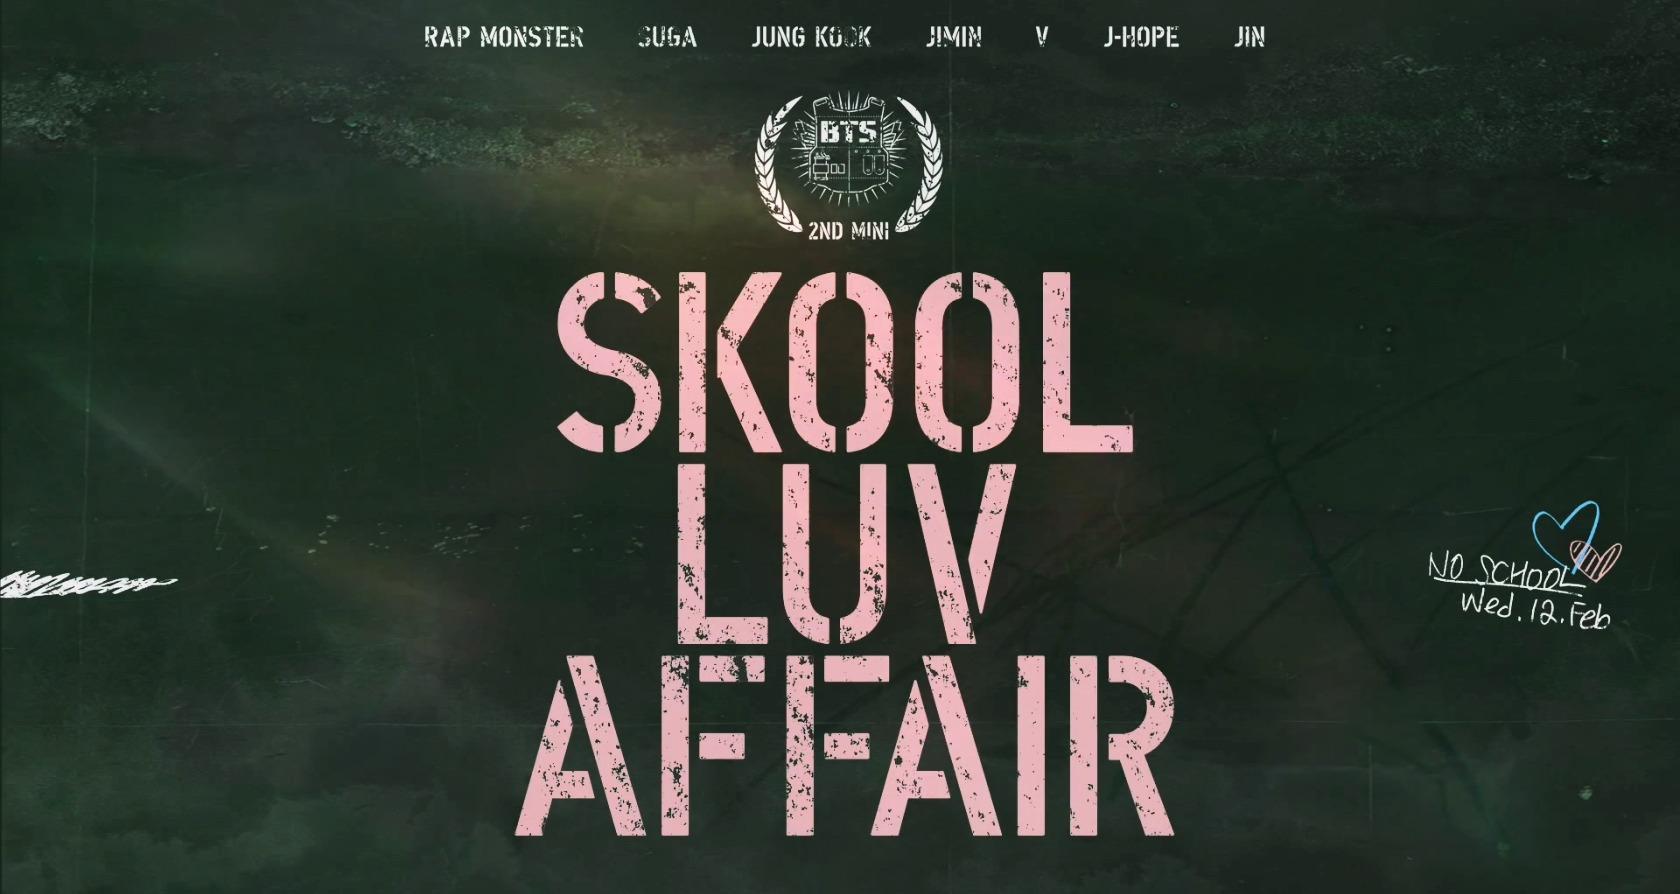 """বাংট্যান বয়েজ """"Skool Luv Affair""""!"""